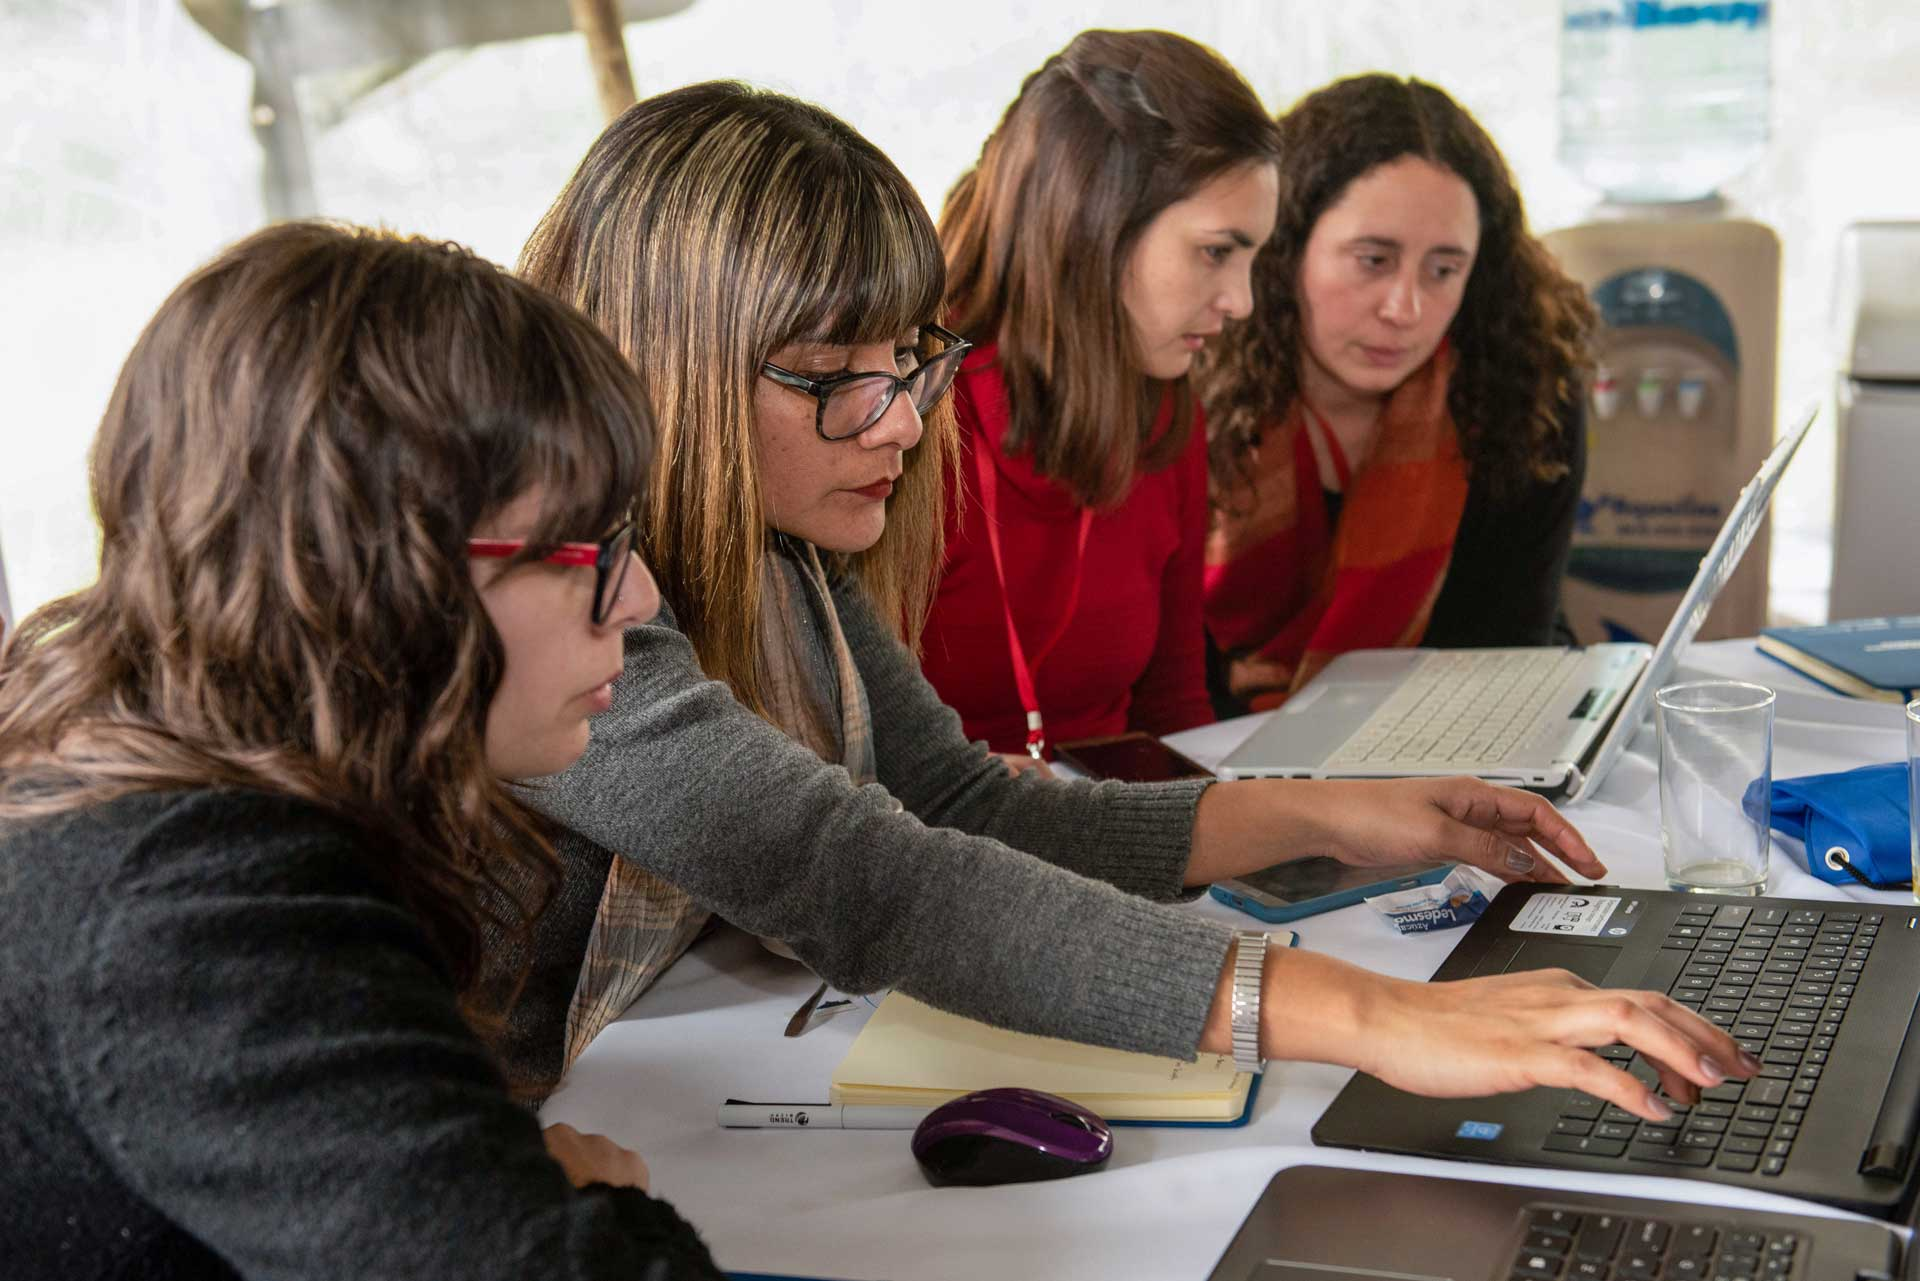 Cuatro mujeres frente a dos notebooks resuelven ejercicios de ciberseguridad.